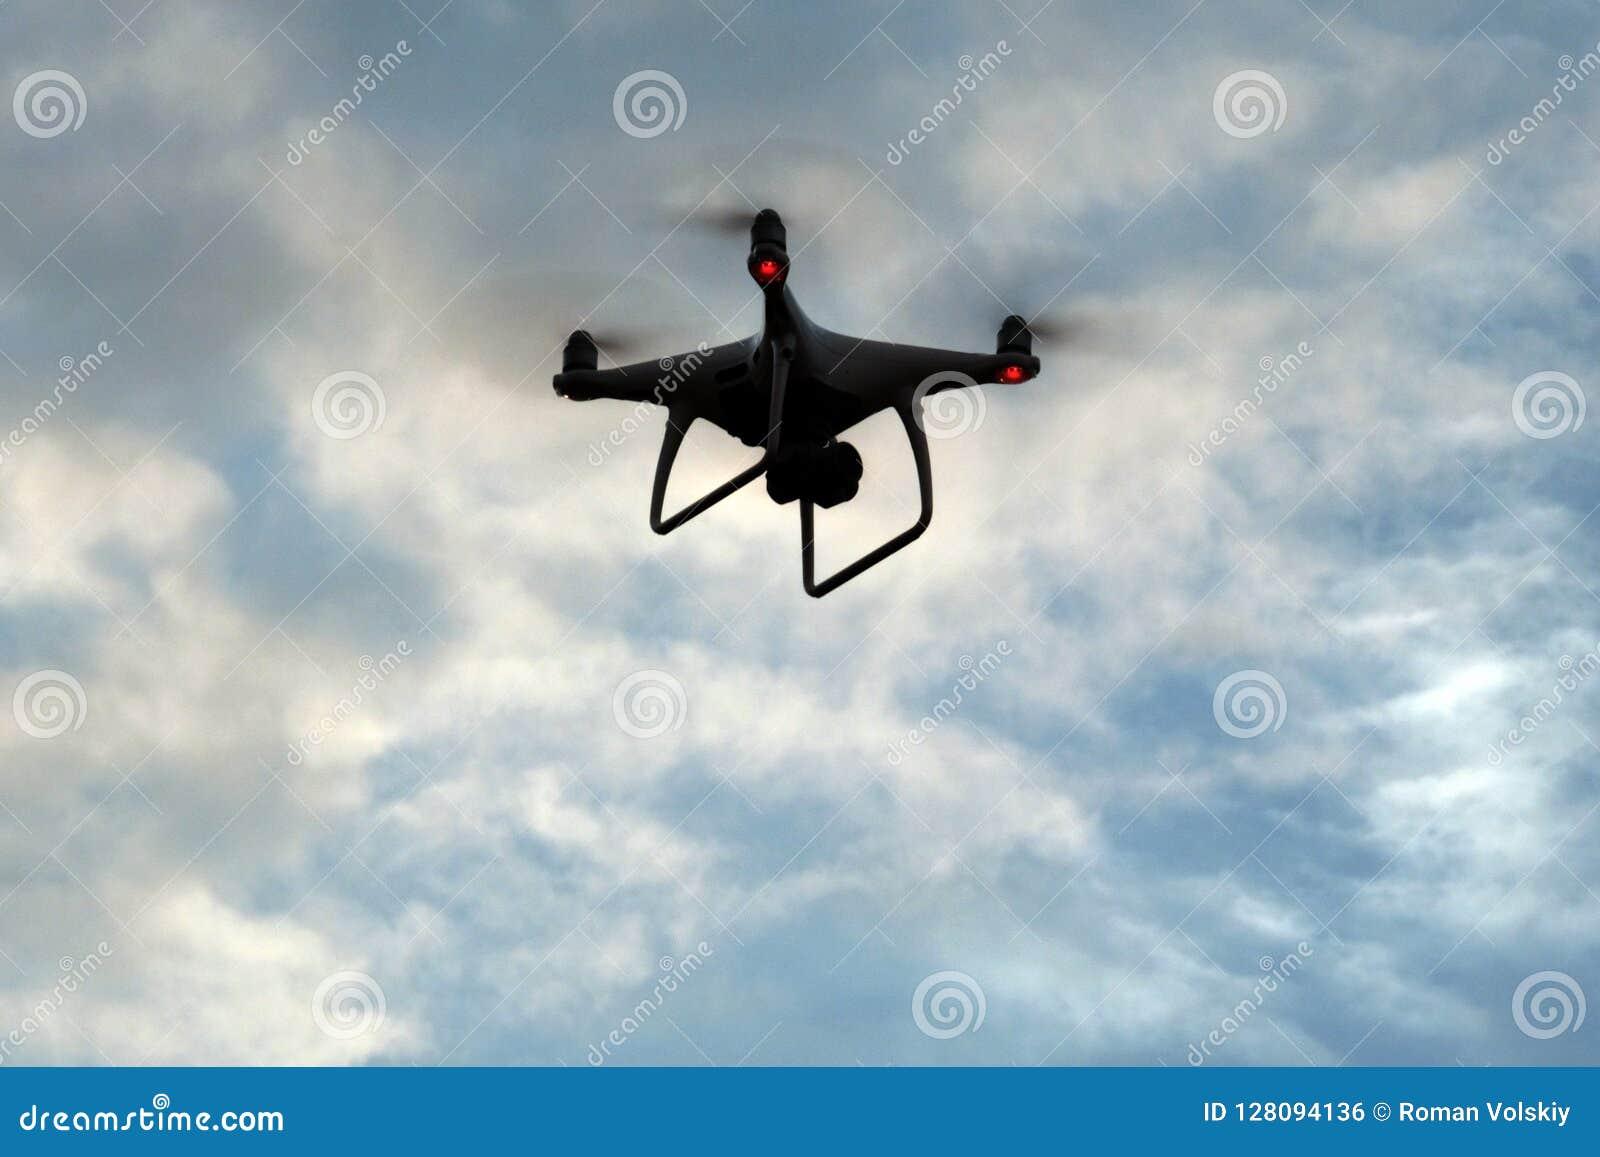 Σκιαγραφία ενός τηλεκατευθυνόμενου εναέριου οχήματος στα σύννεφα Οι μύγες quadcopter στον ουρανό διάστημα αντιγράφων